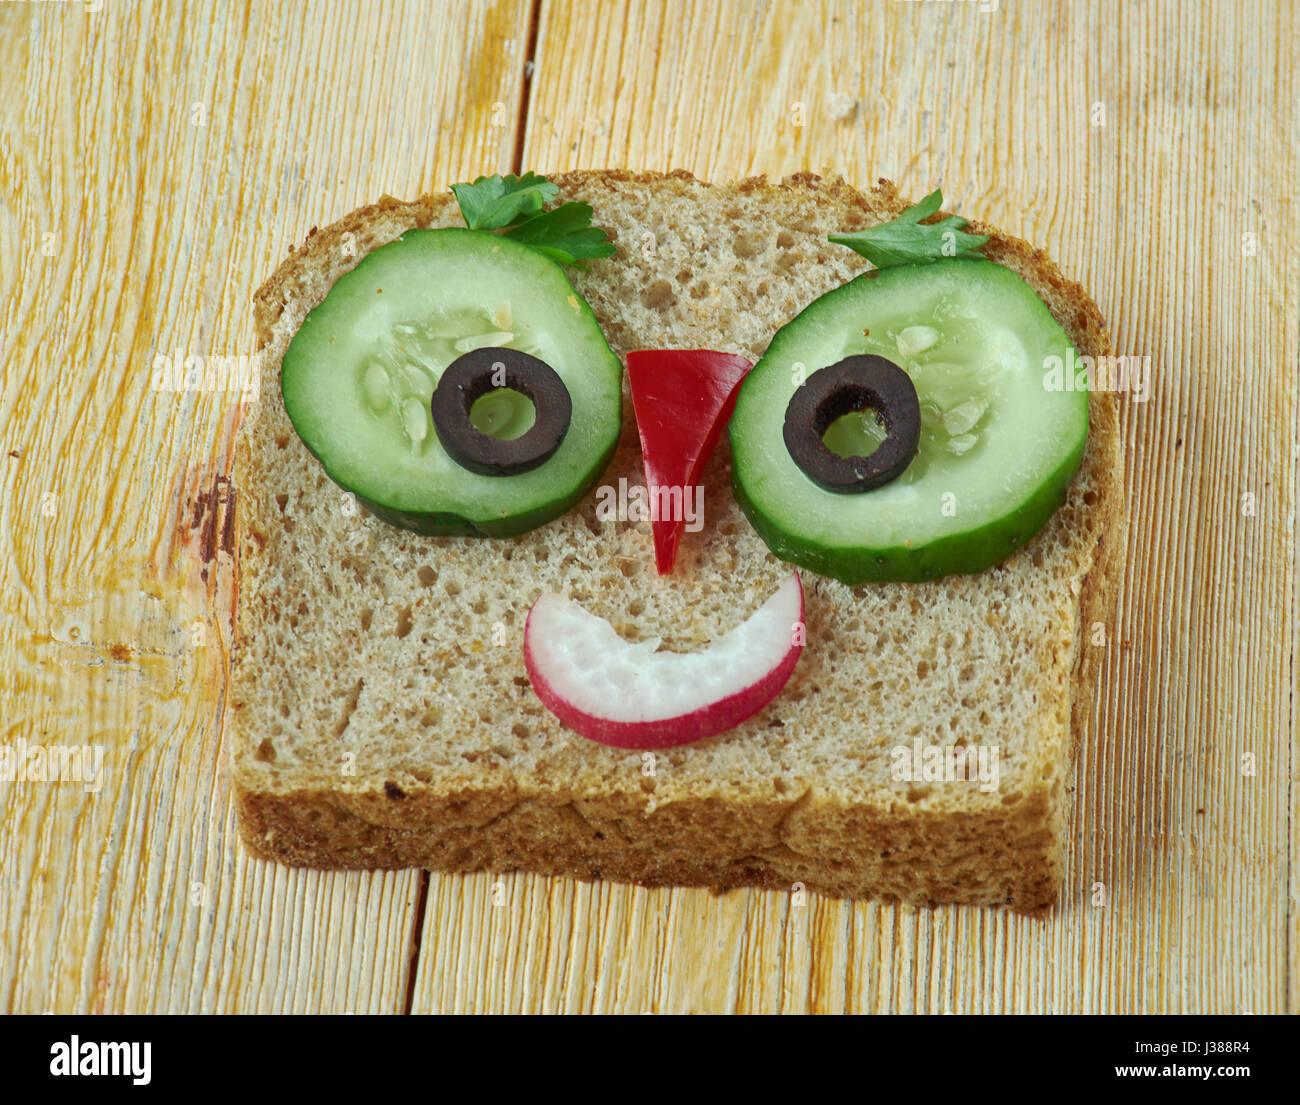 kreative Küche Konzept - lustige Sandwich für Kinder Mann gemacht ...